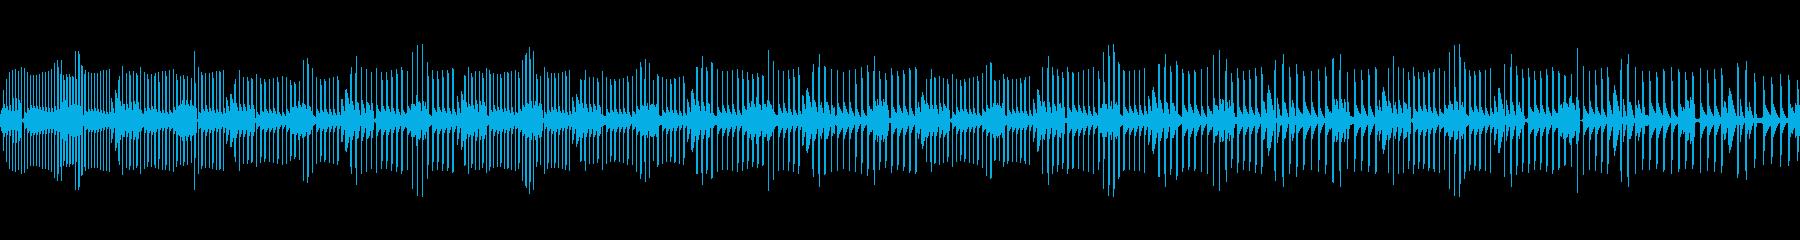 ★ファミコン風 敵キャラエンカウントの再生済みの波形